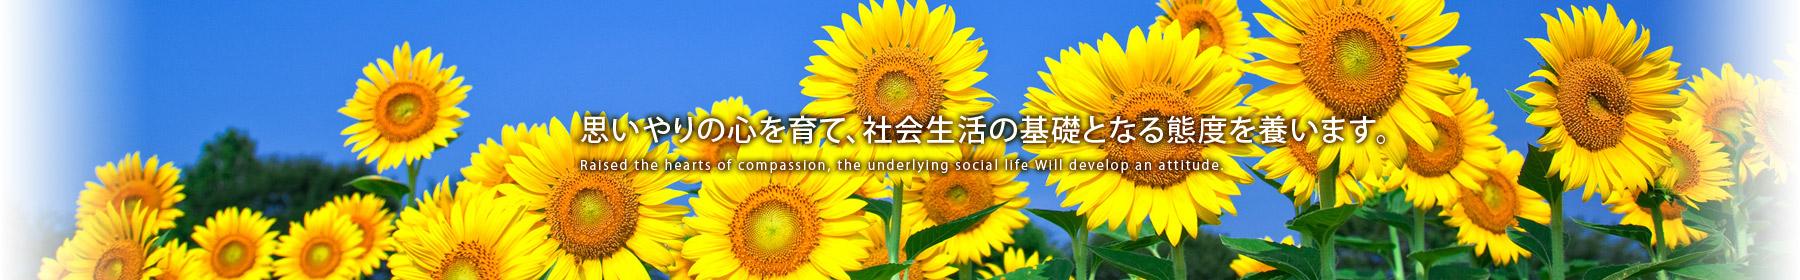 思いやりの心を育て、社会の基礎となる態度を養います